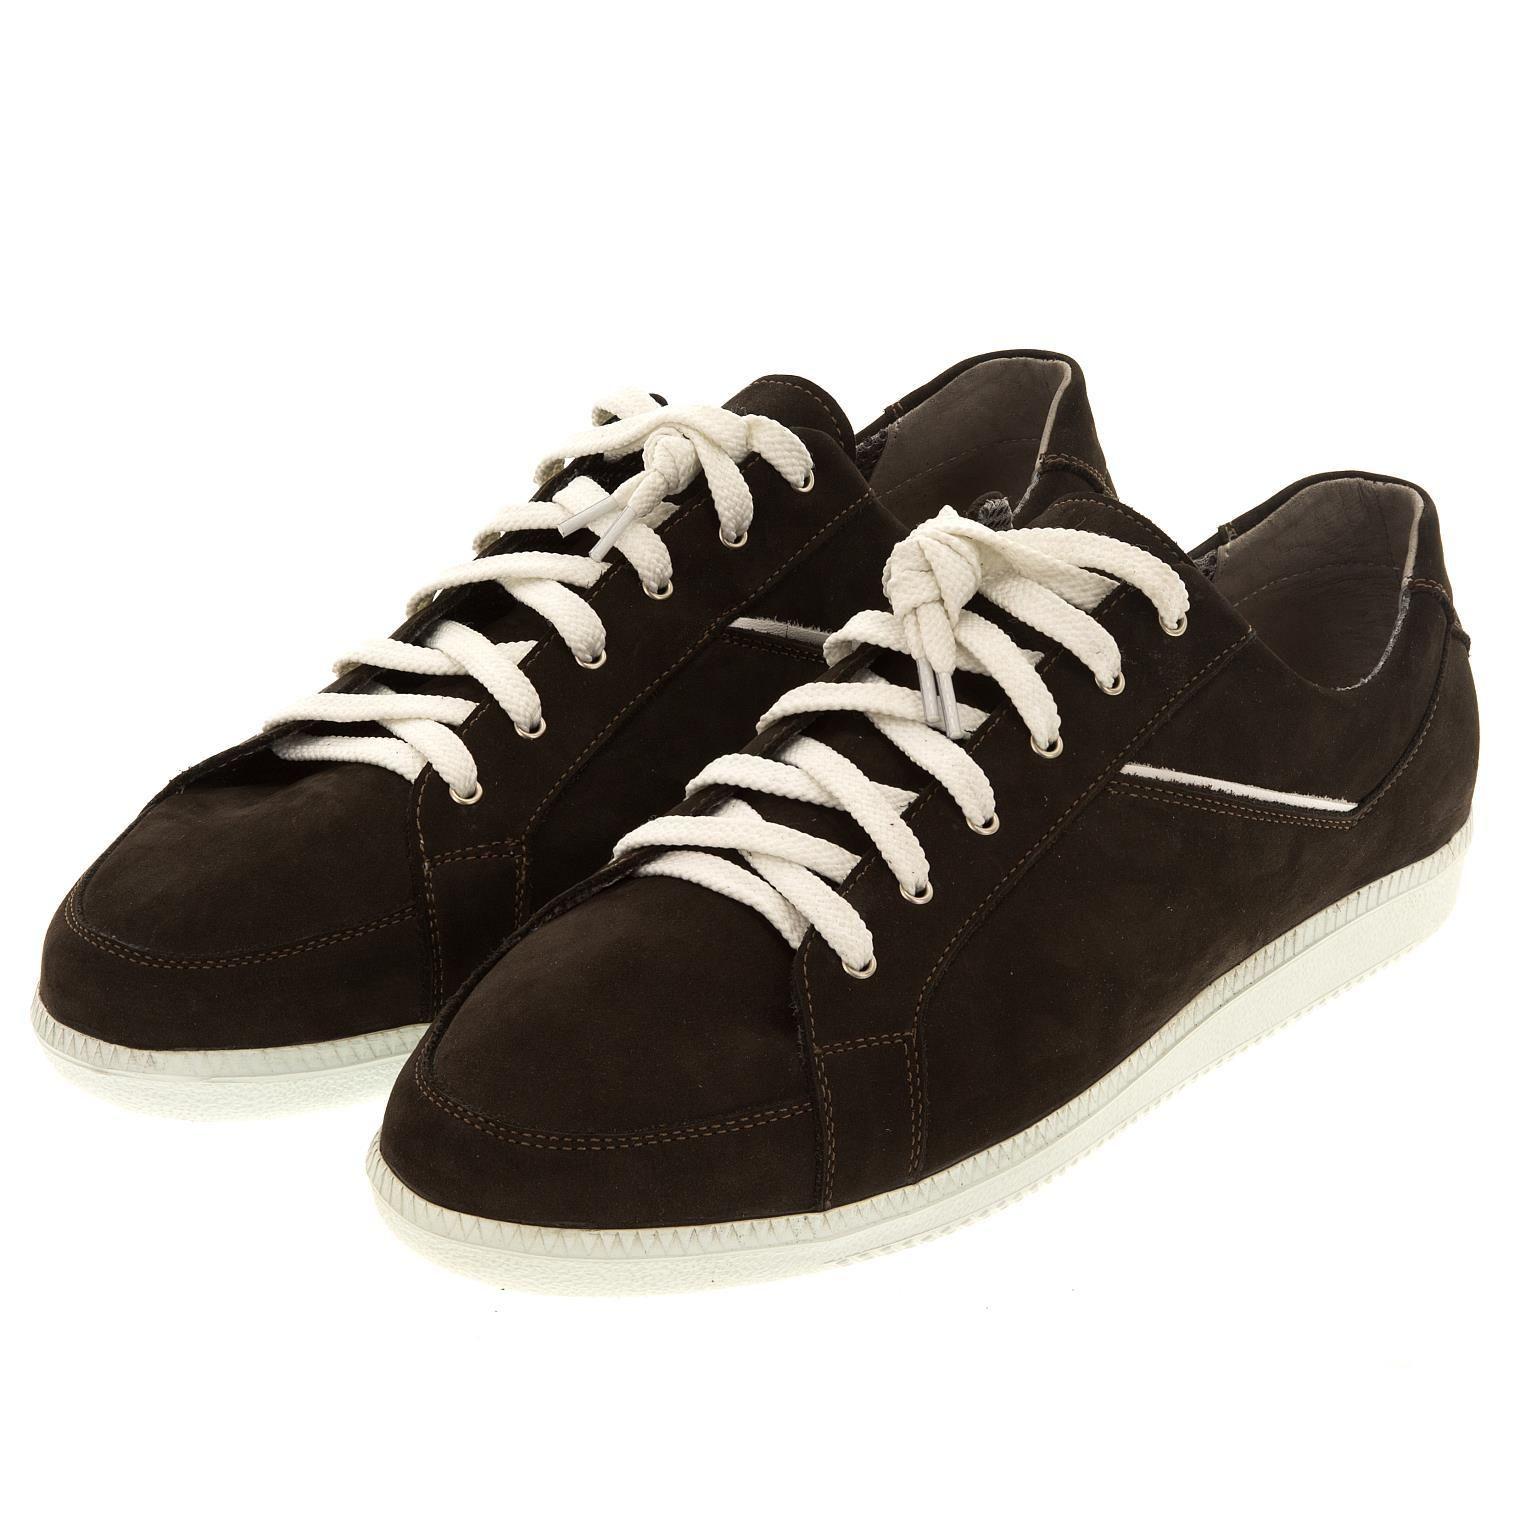 19065454853 649396 полуботинки мужские шоколад. КупиРазмер — обувь больших размеров  марки Делфино